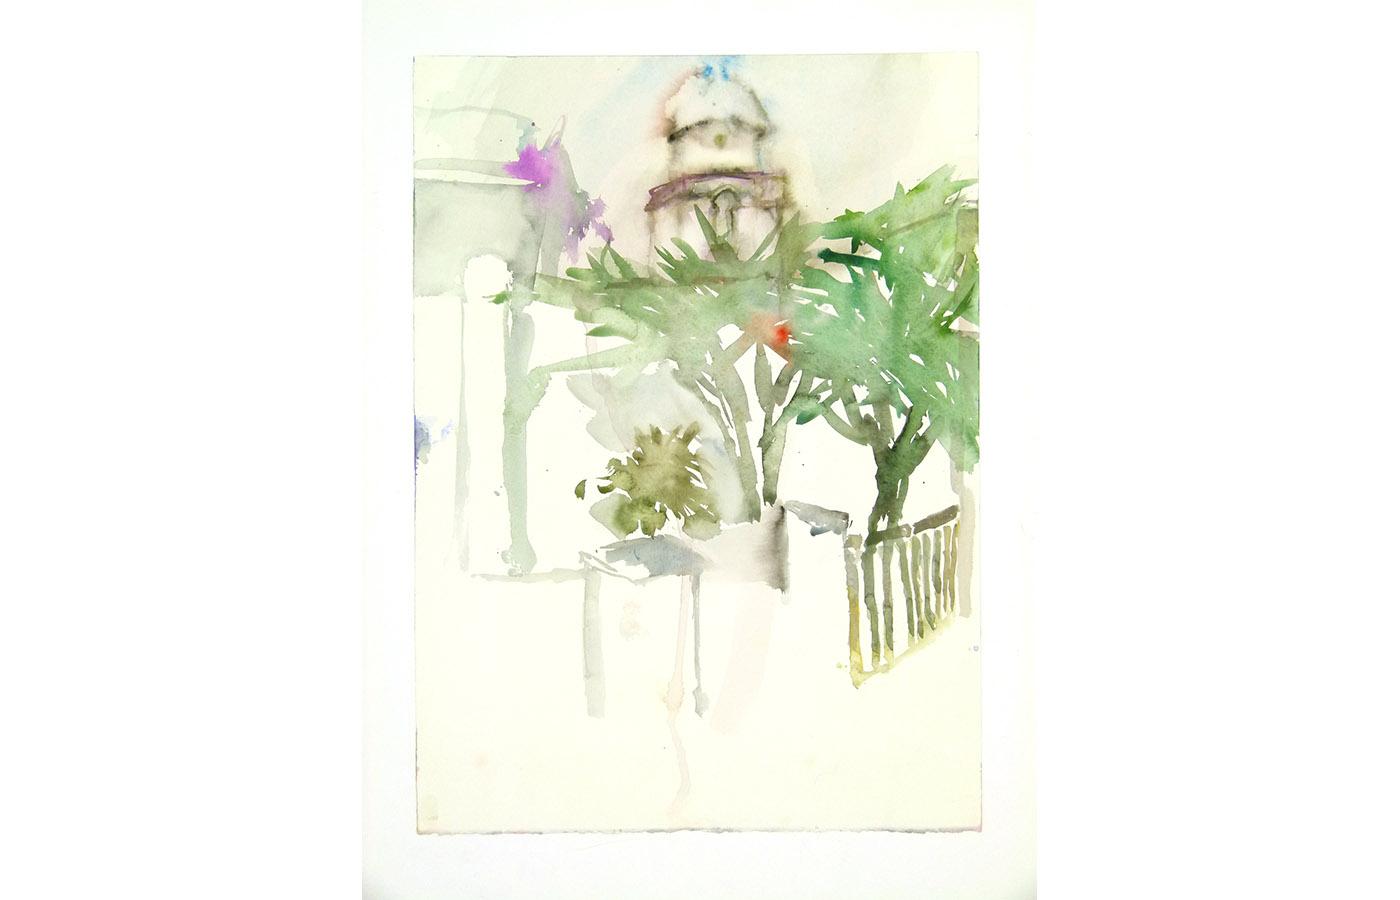 Landschaften und Reisebilder, Aquarell, 1991 bis 1993_0006_L1110067a$